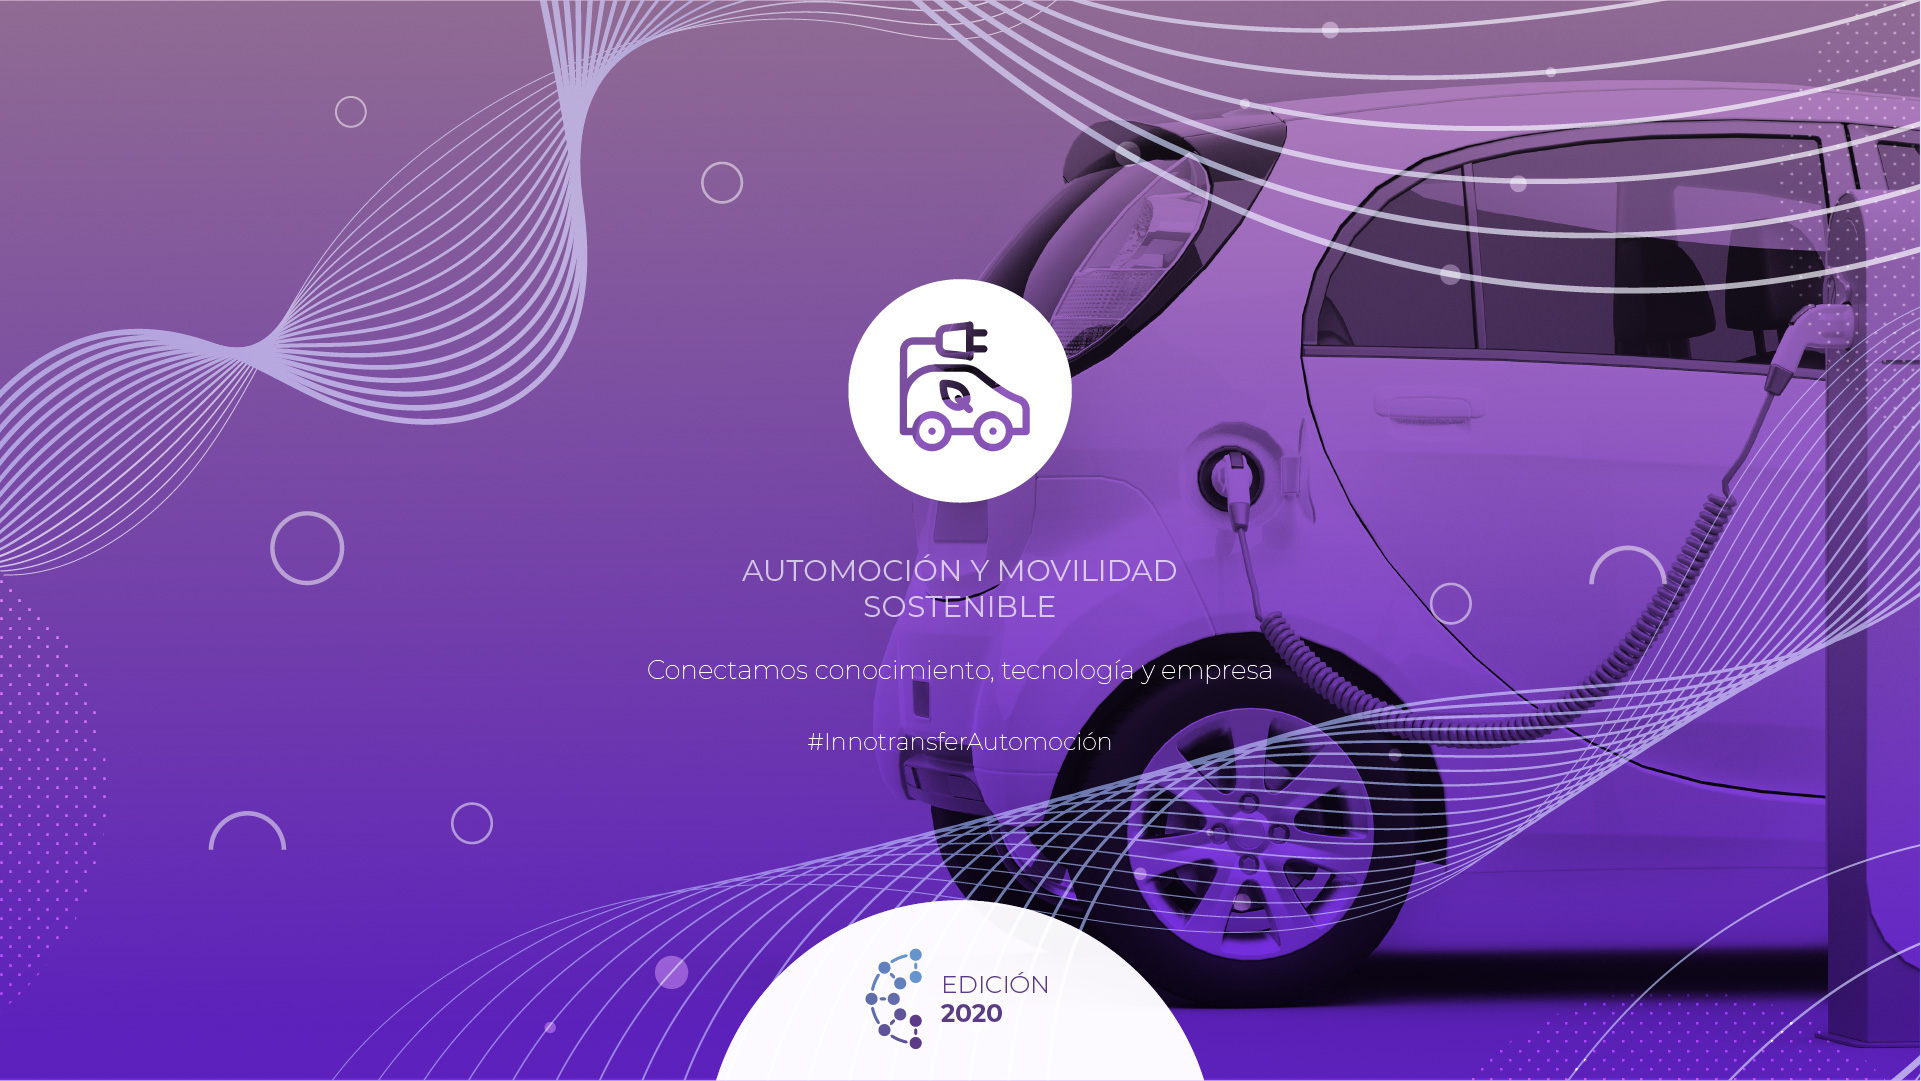 innotransfer Automoción y Movilidad sostenible.